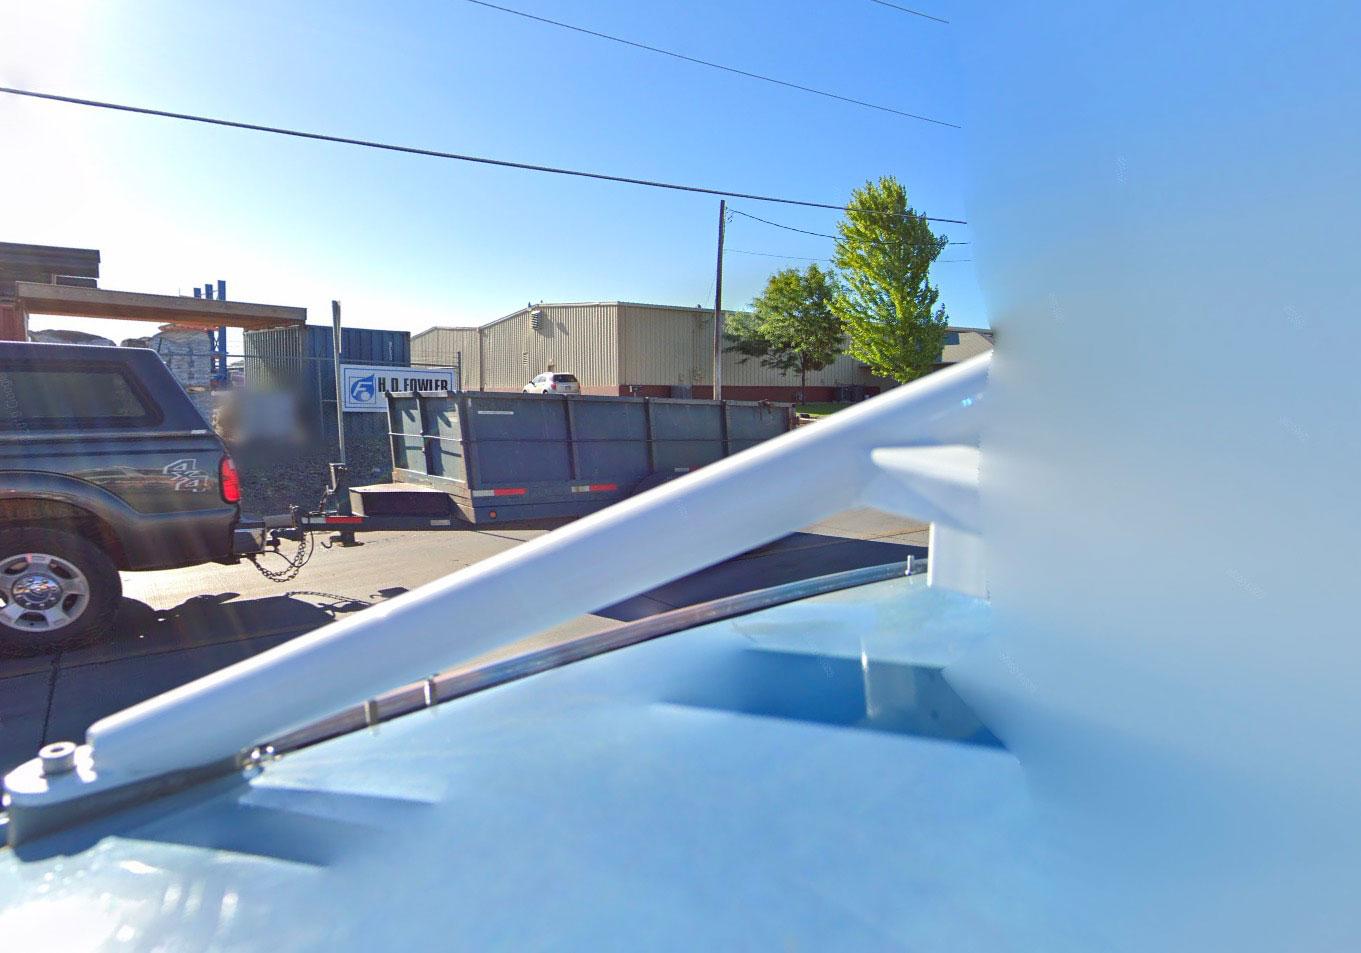 Il se passe parfois de drôles de choses sur Google Street View.